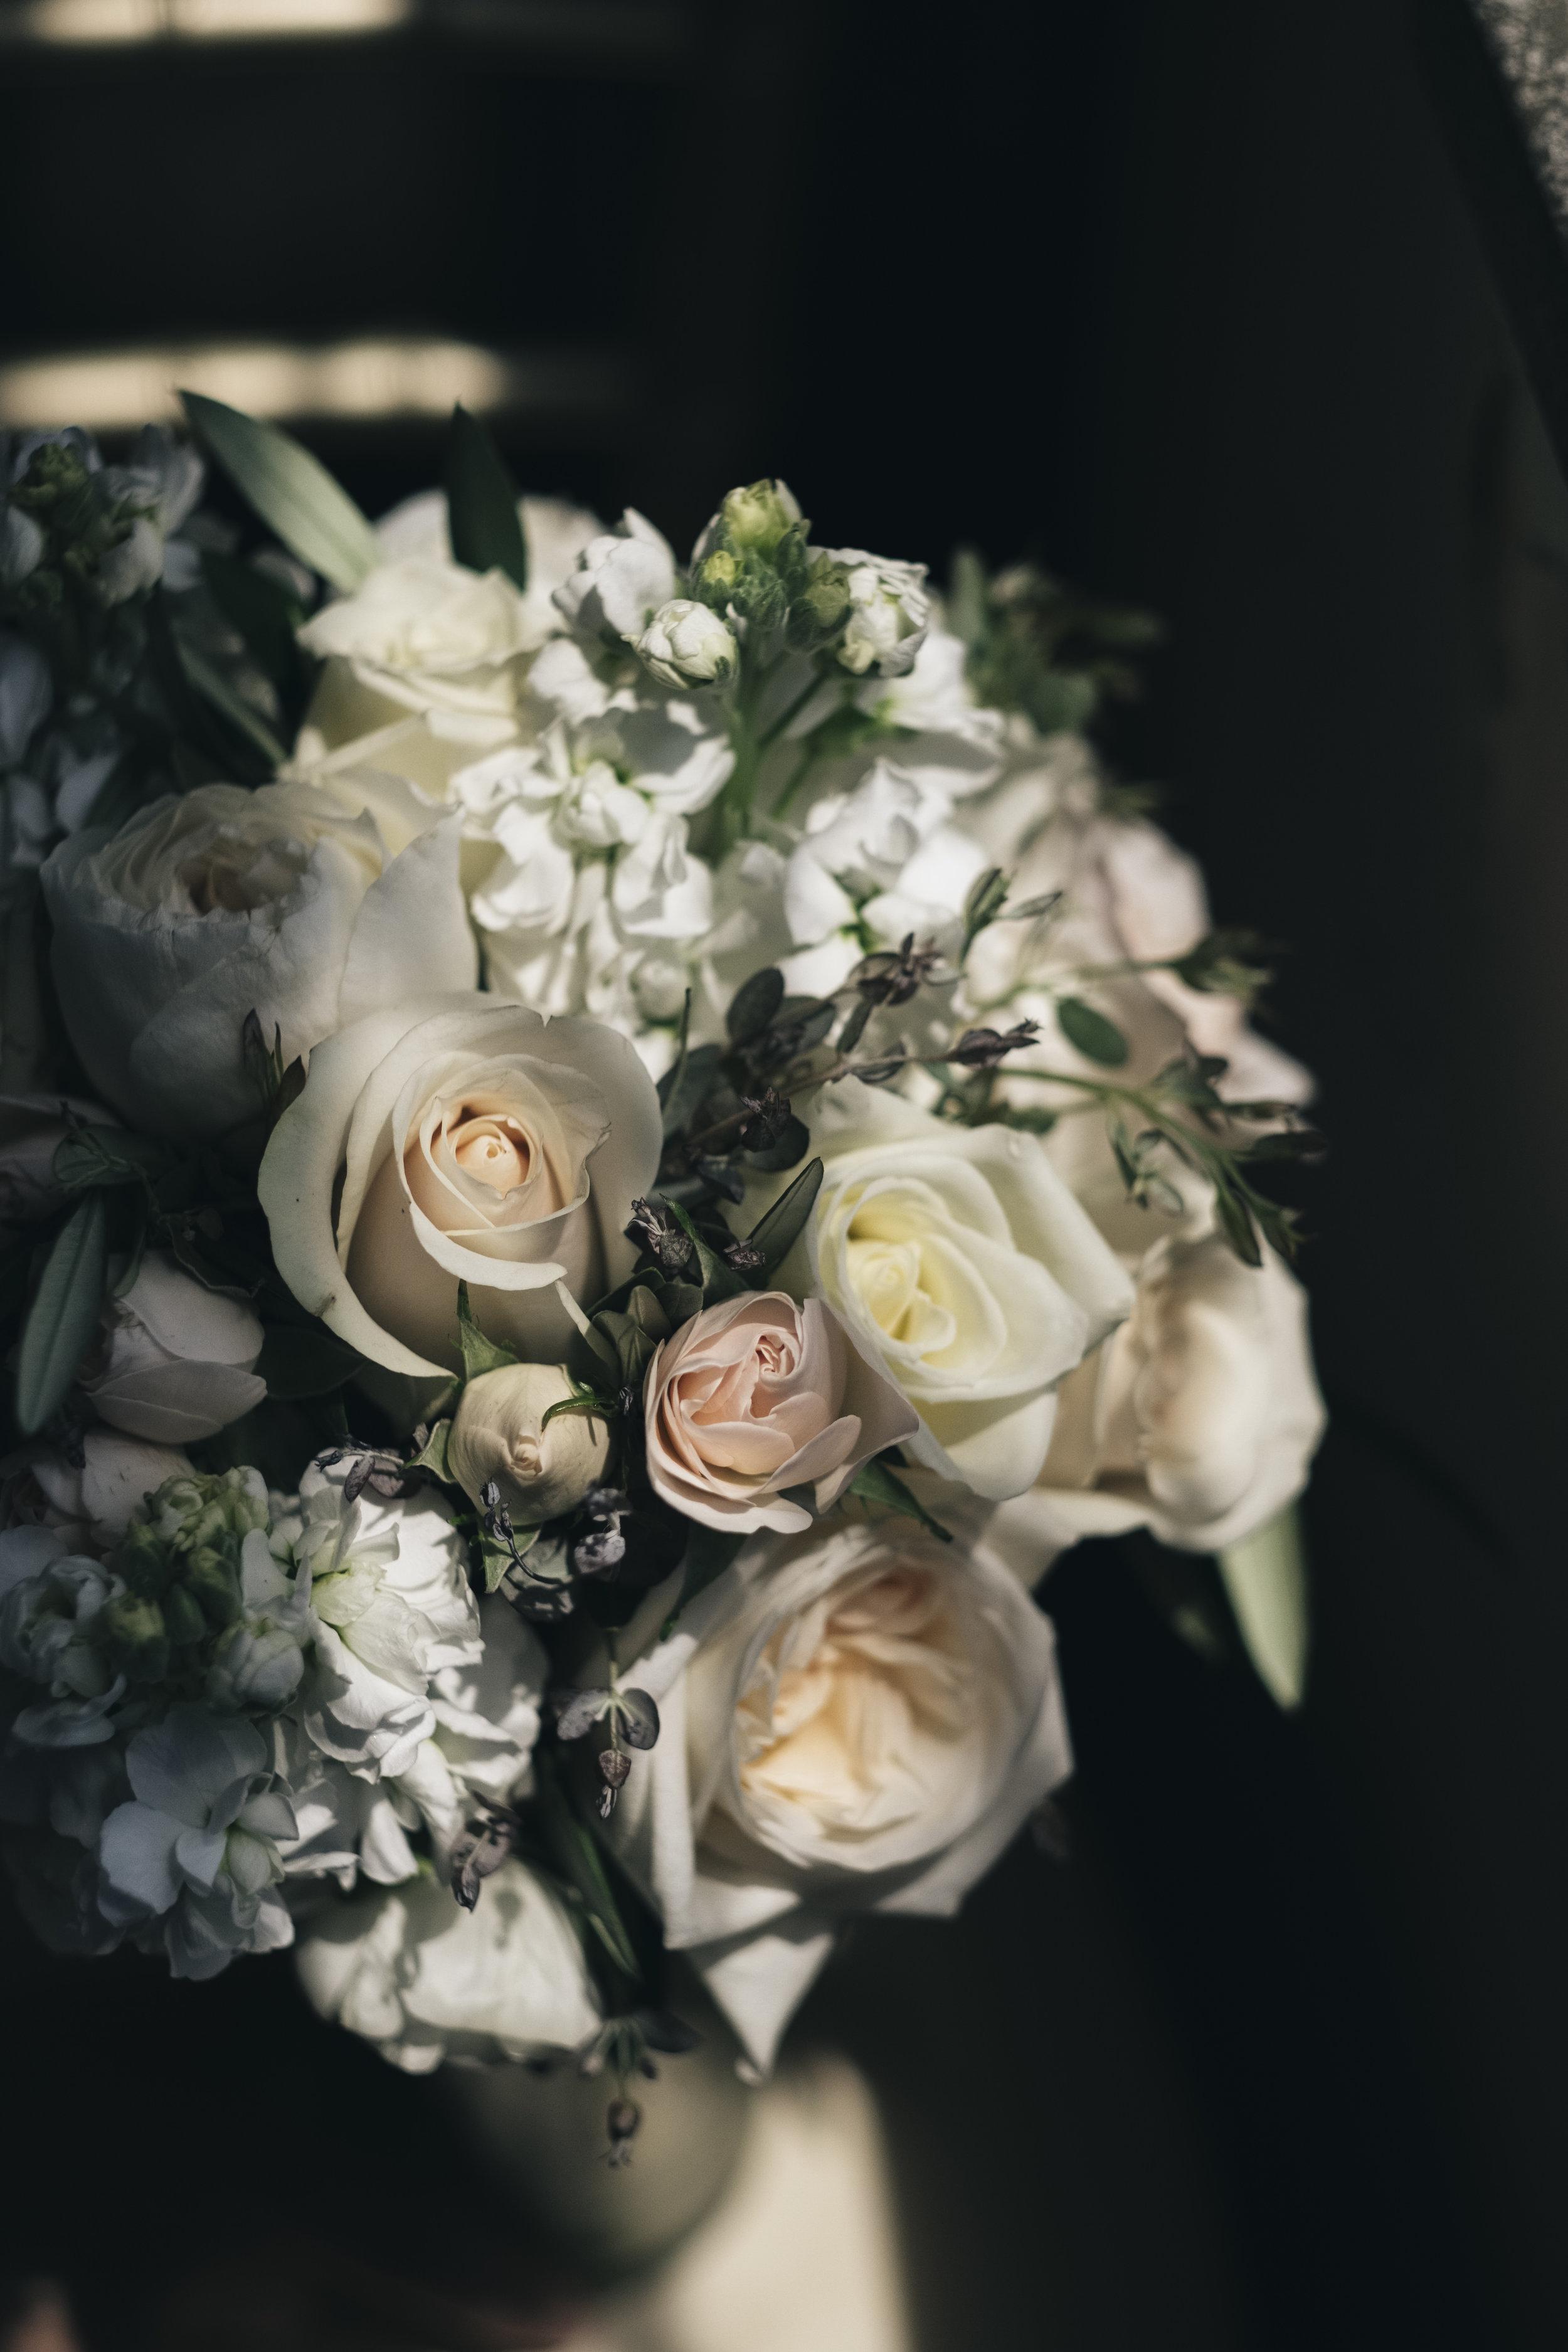 The bride's Bartz Viviano flowers.